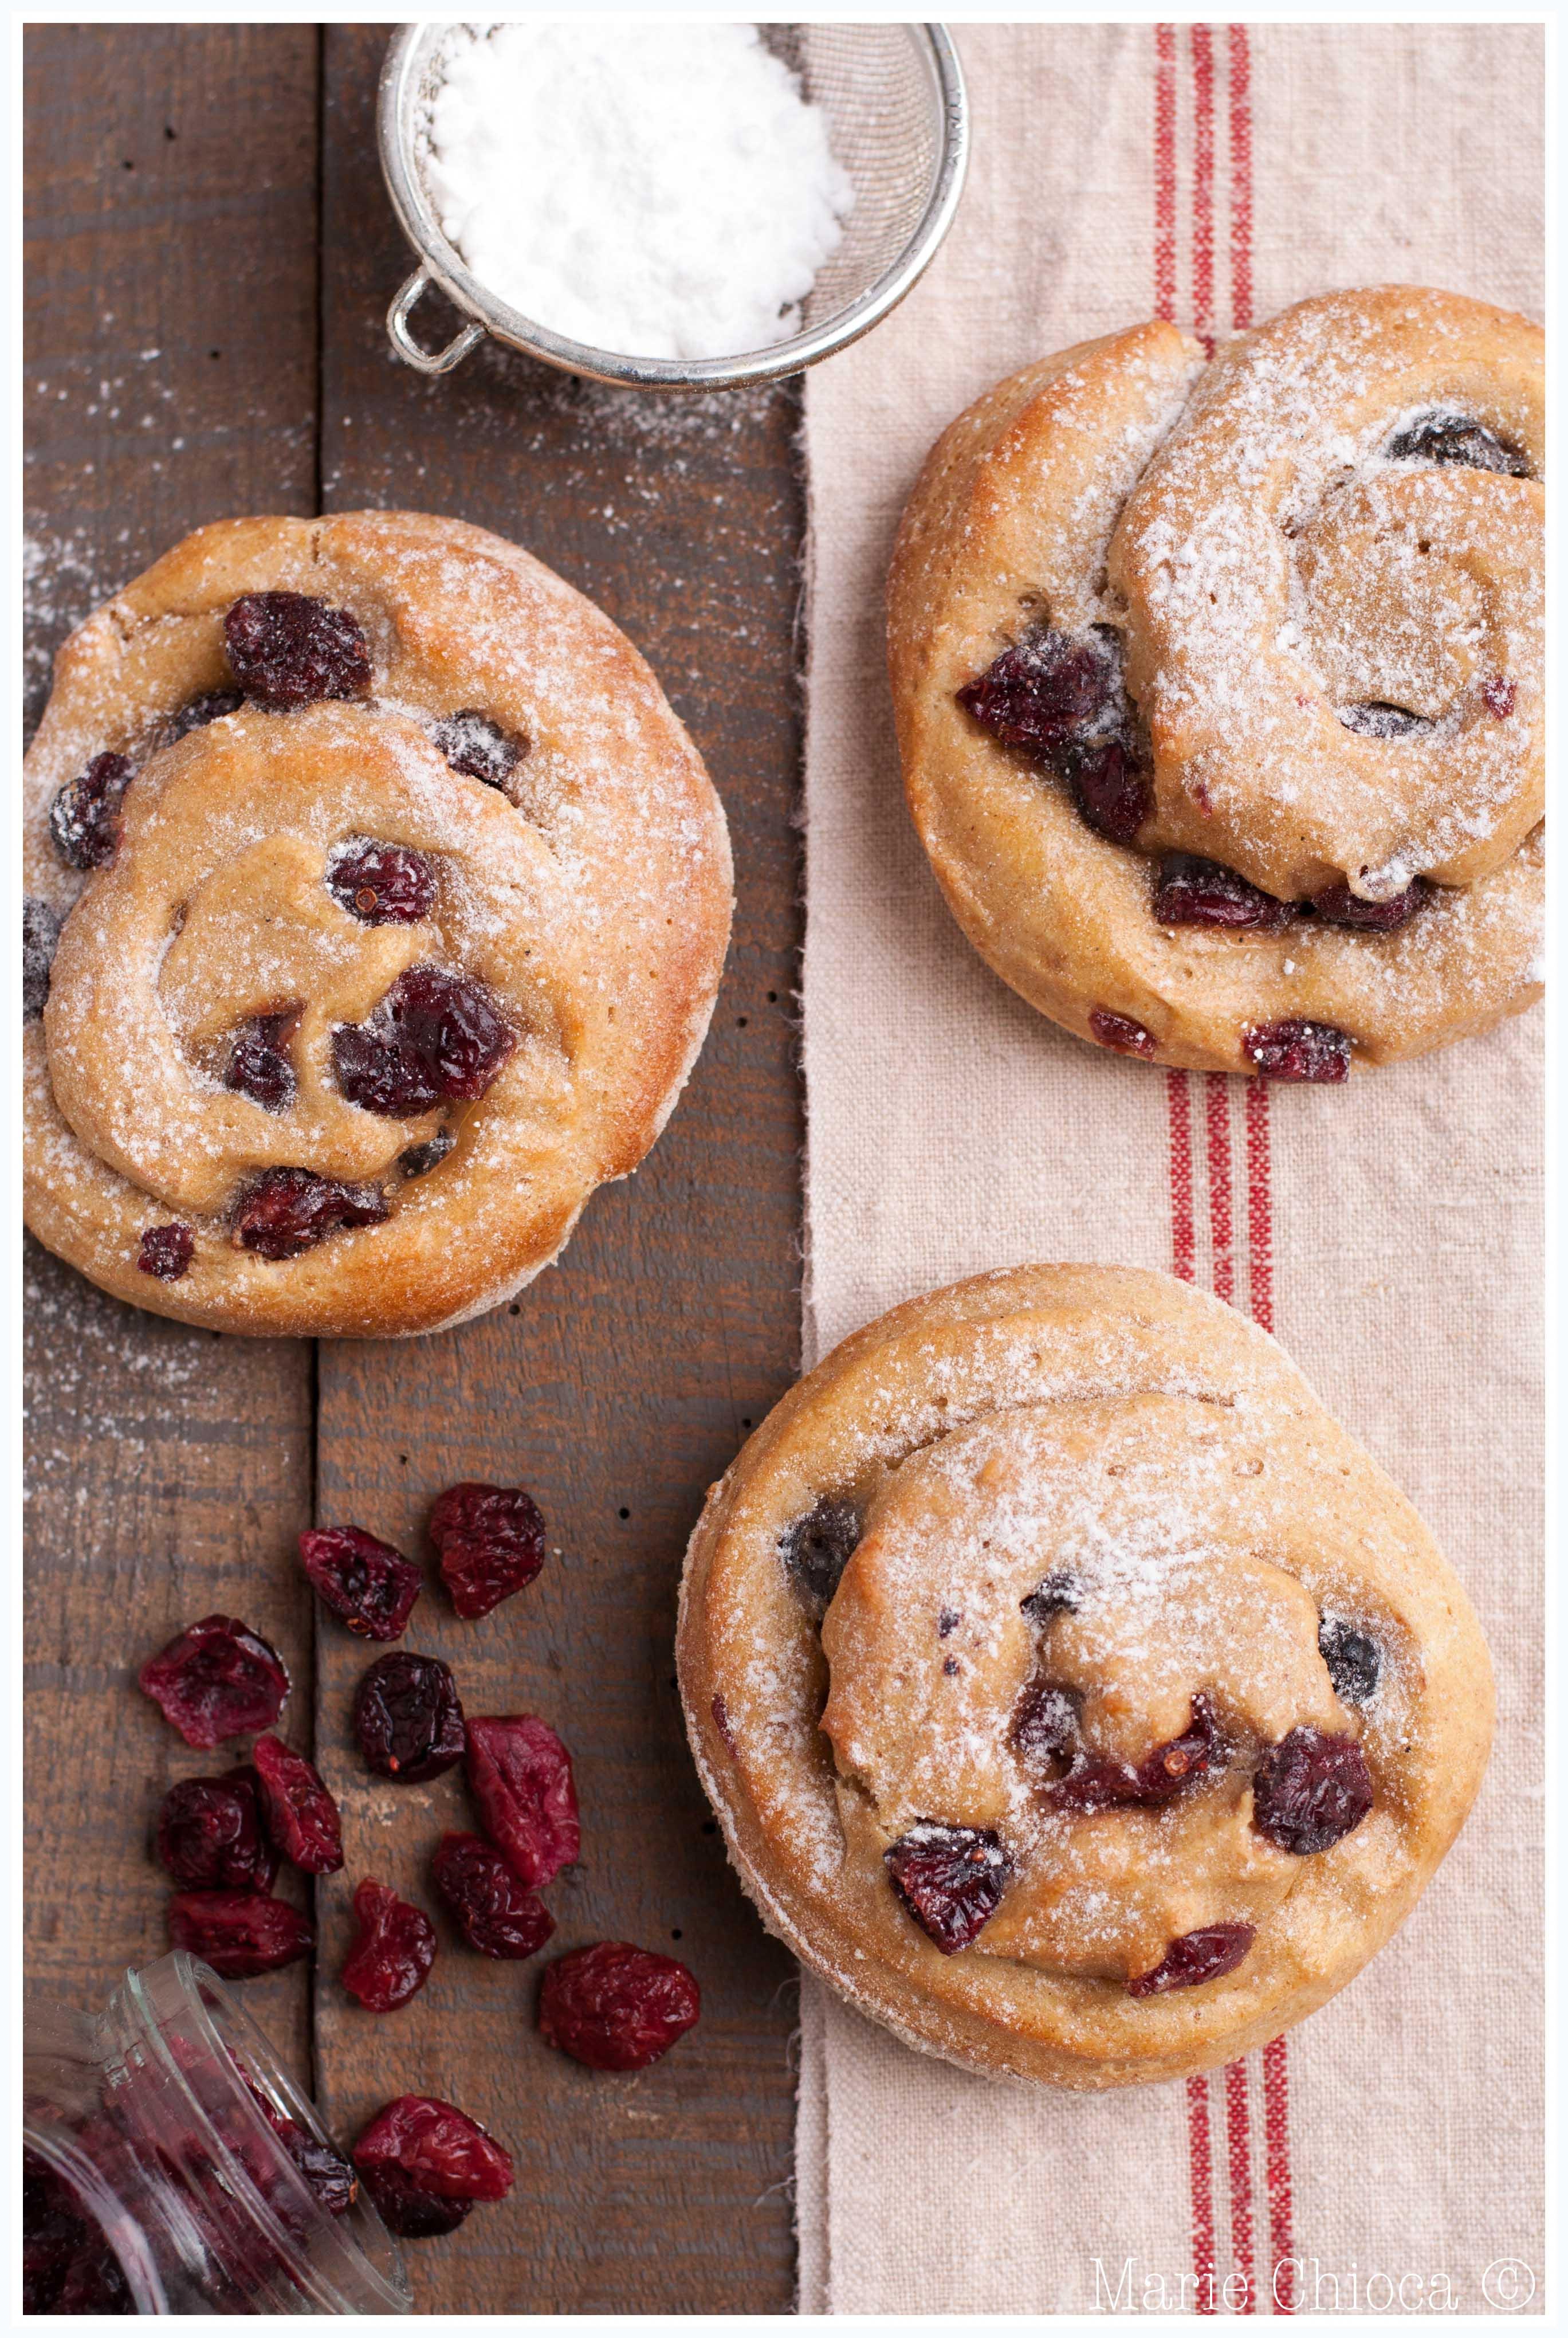 17 Petits pains aux raisins-2